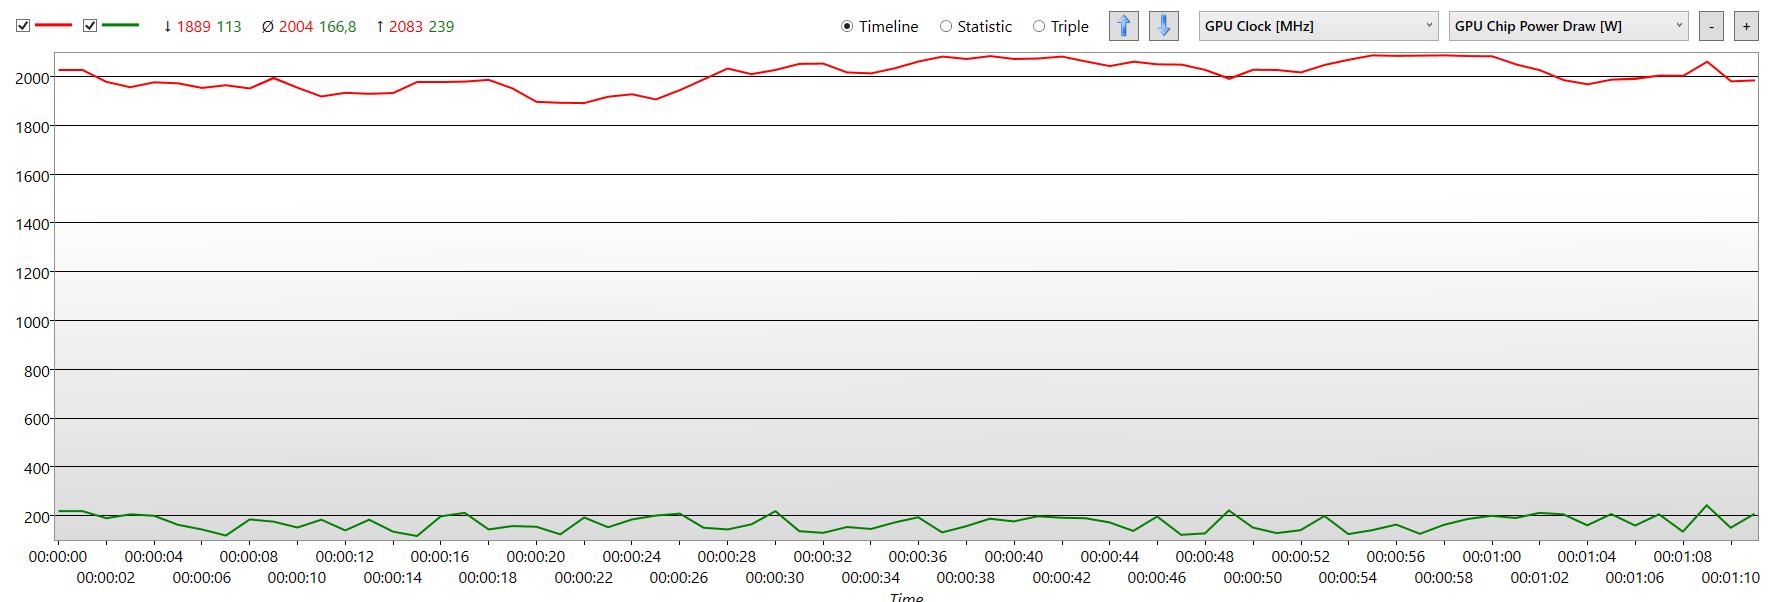 TS GPU Test 2 700 min gfx.png